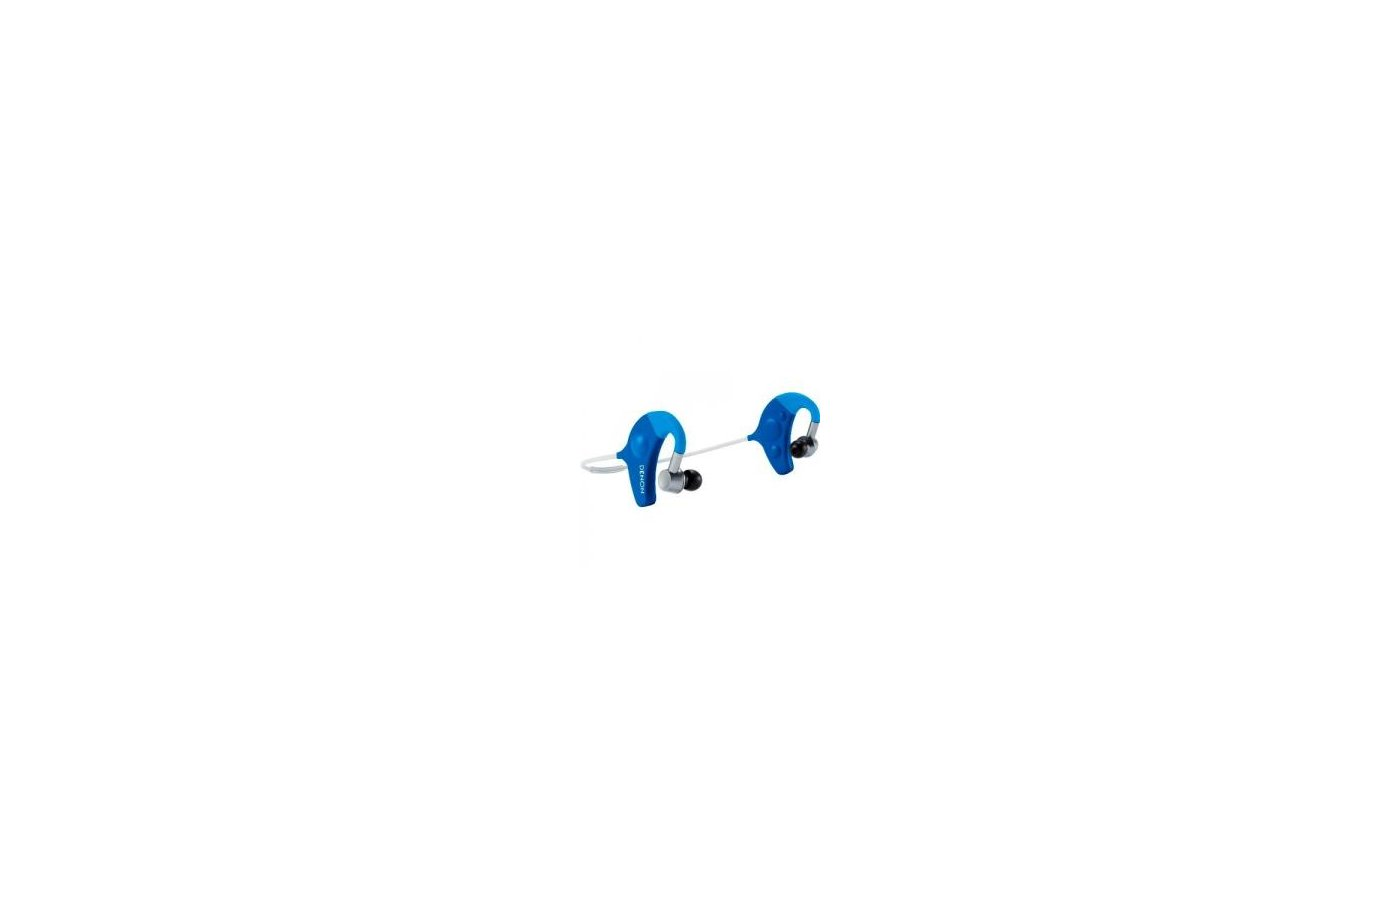 Наушники спортивные Denon AH-W150 Blue  (Bluetooth)